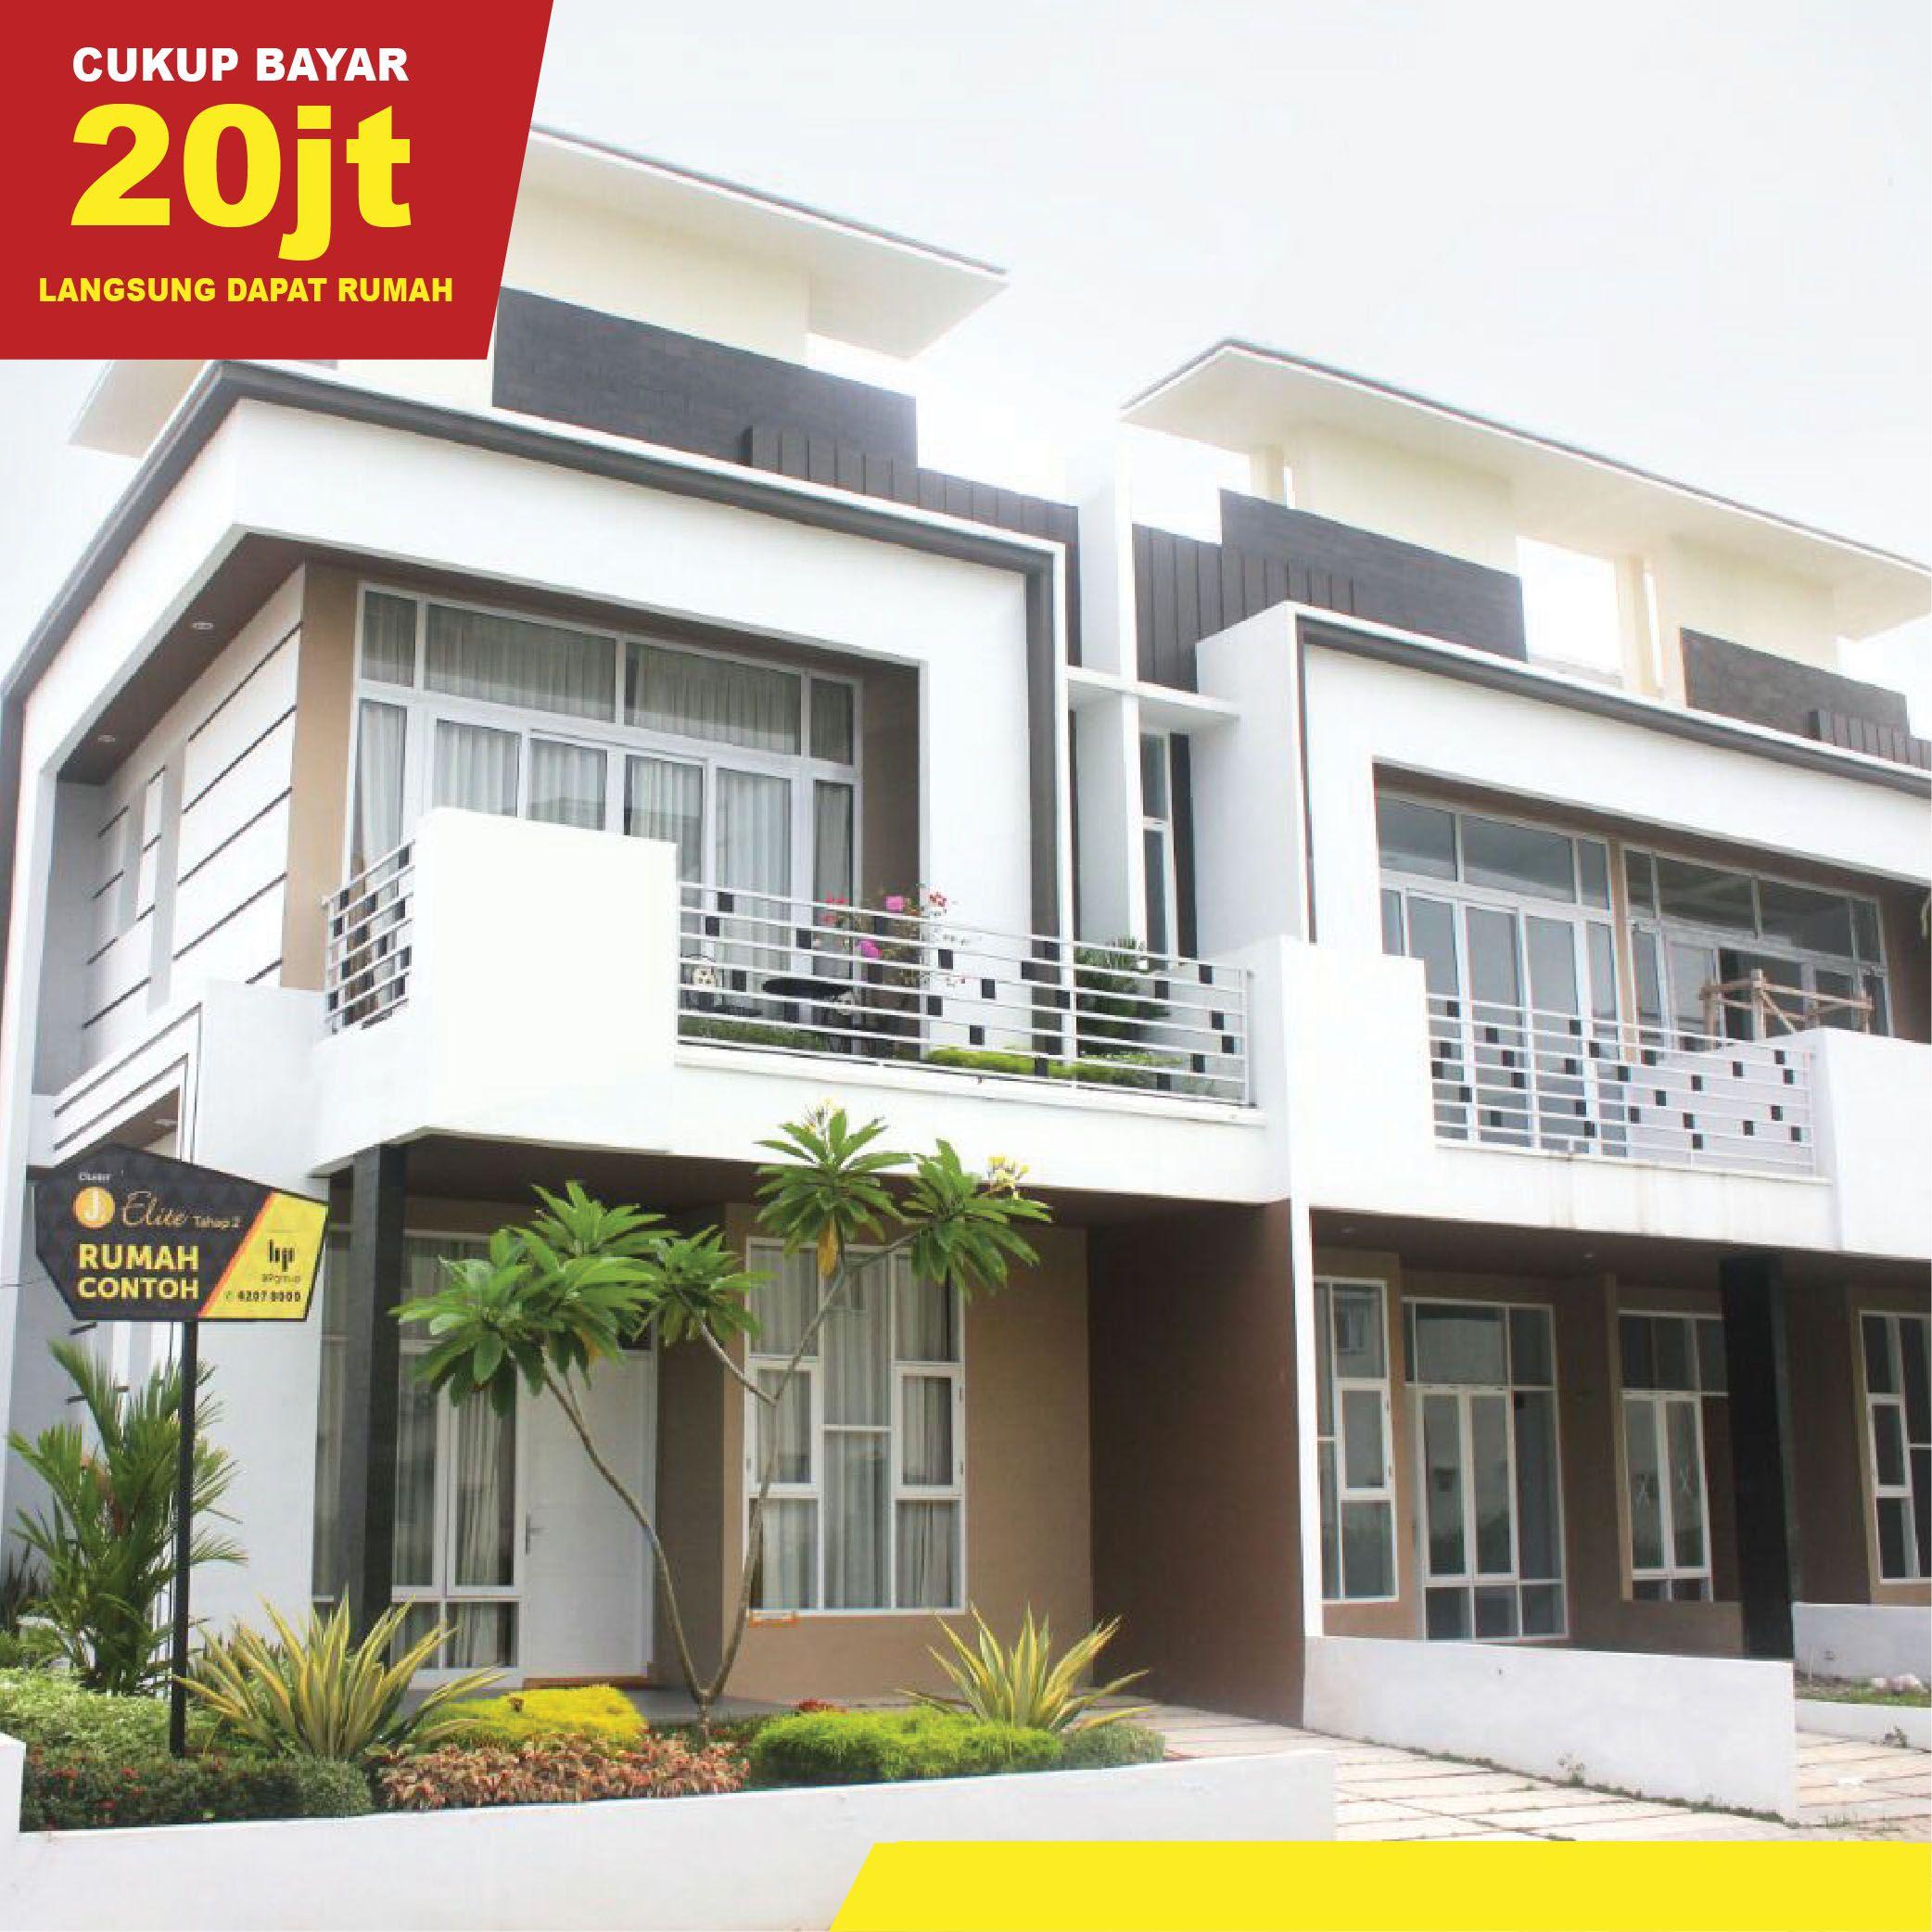 Rumah Minimalis Medan Johor Beli Rumah Di Medan Johor Jual Rumah Johor Bahru Medan Rumah J City Medan Johor Cari Rumah Di Medan Jo House Styles House Johor